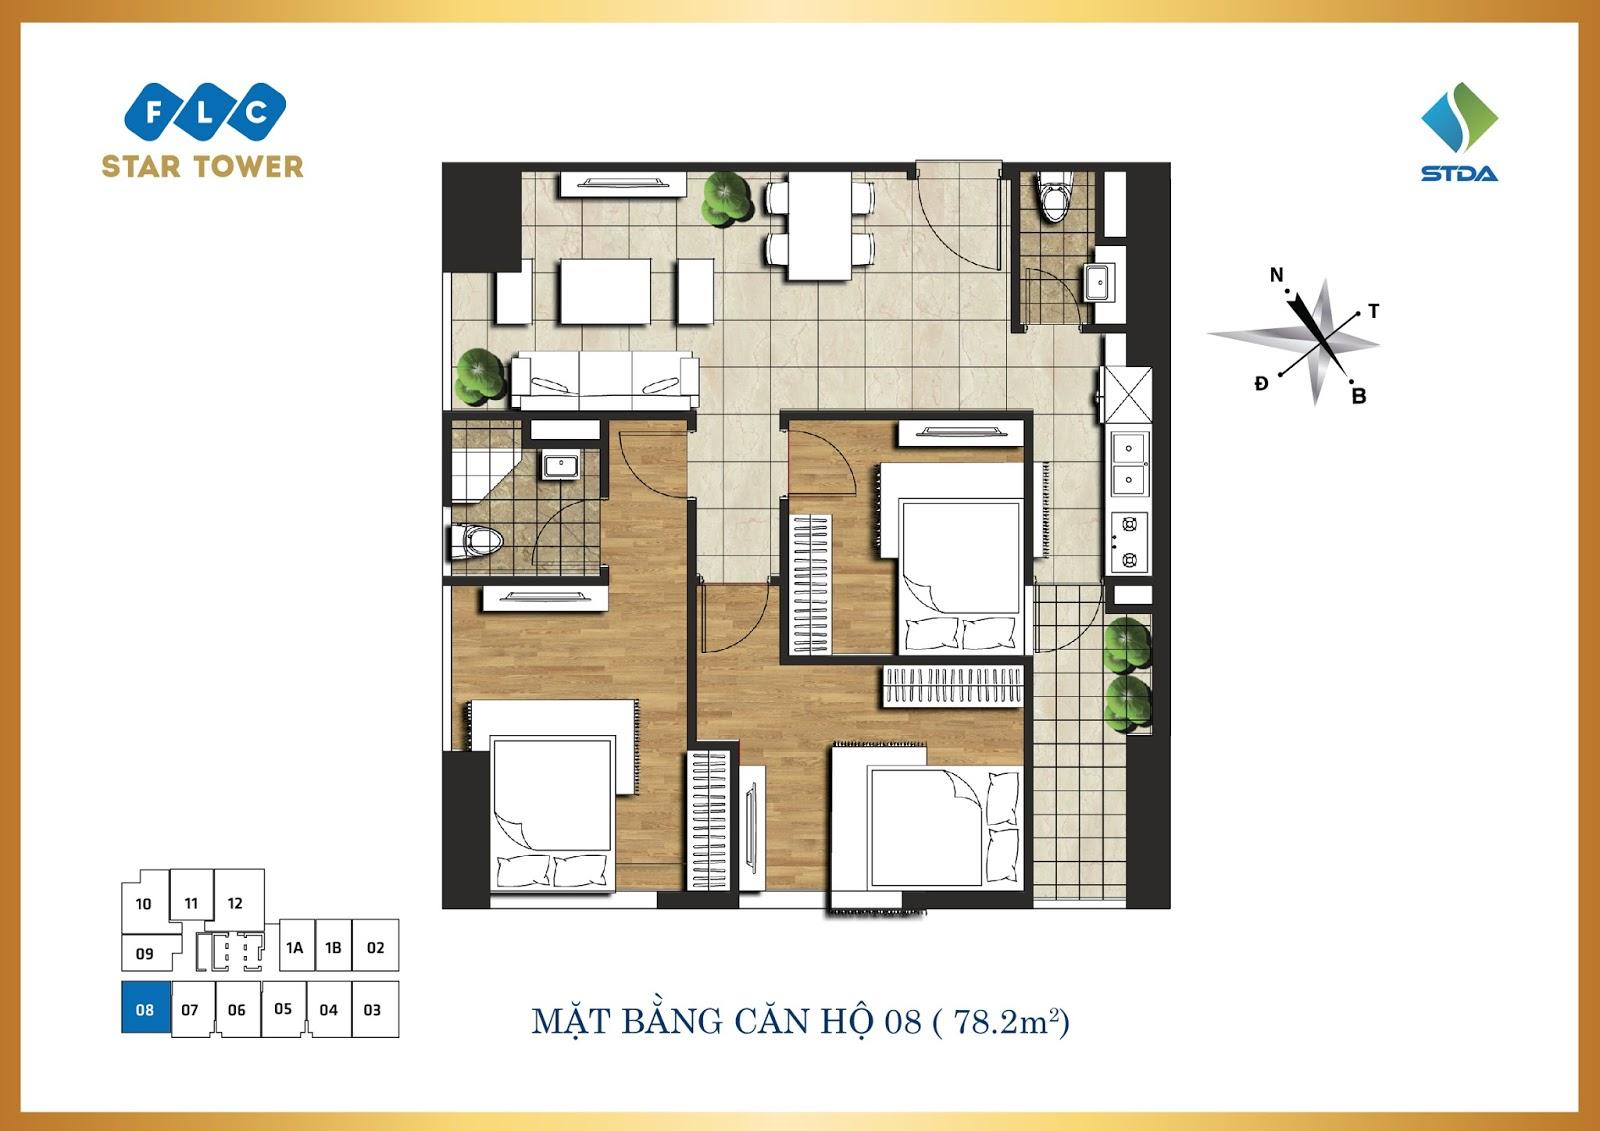 Thiết kế căn hộ số 8 - Chung cư FLC Star Tower